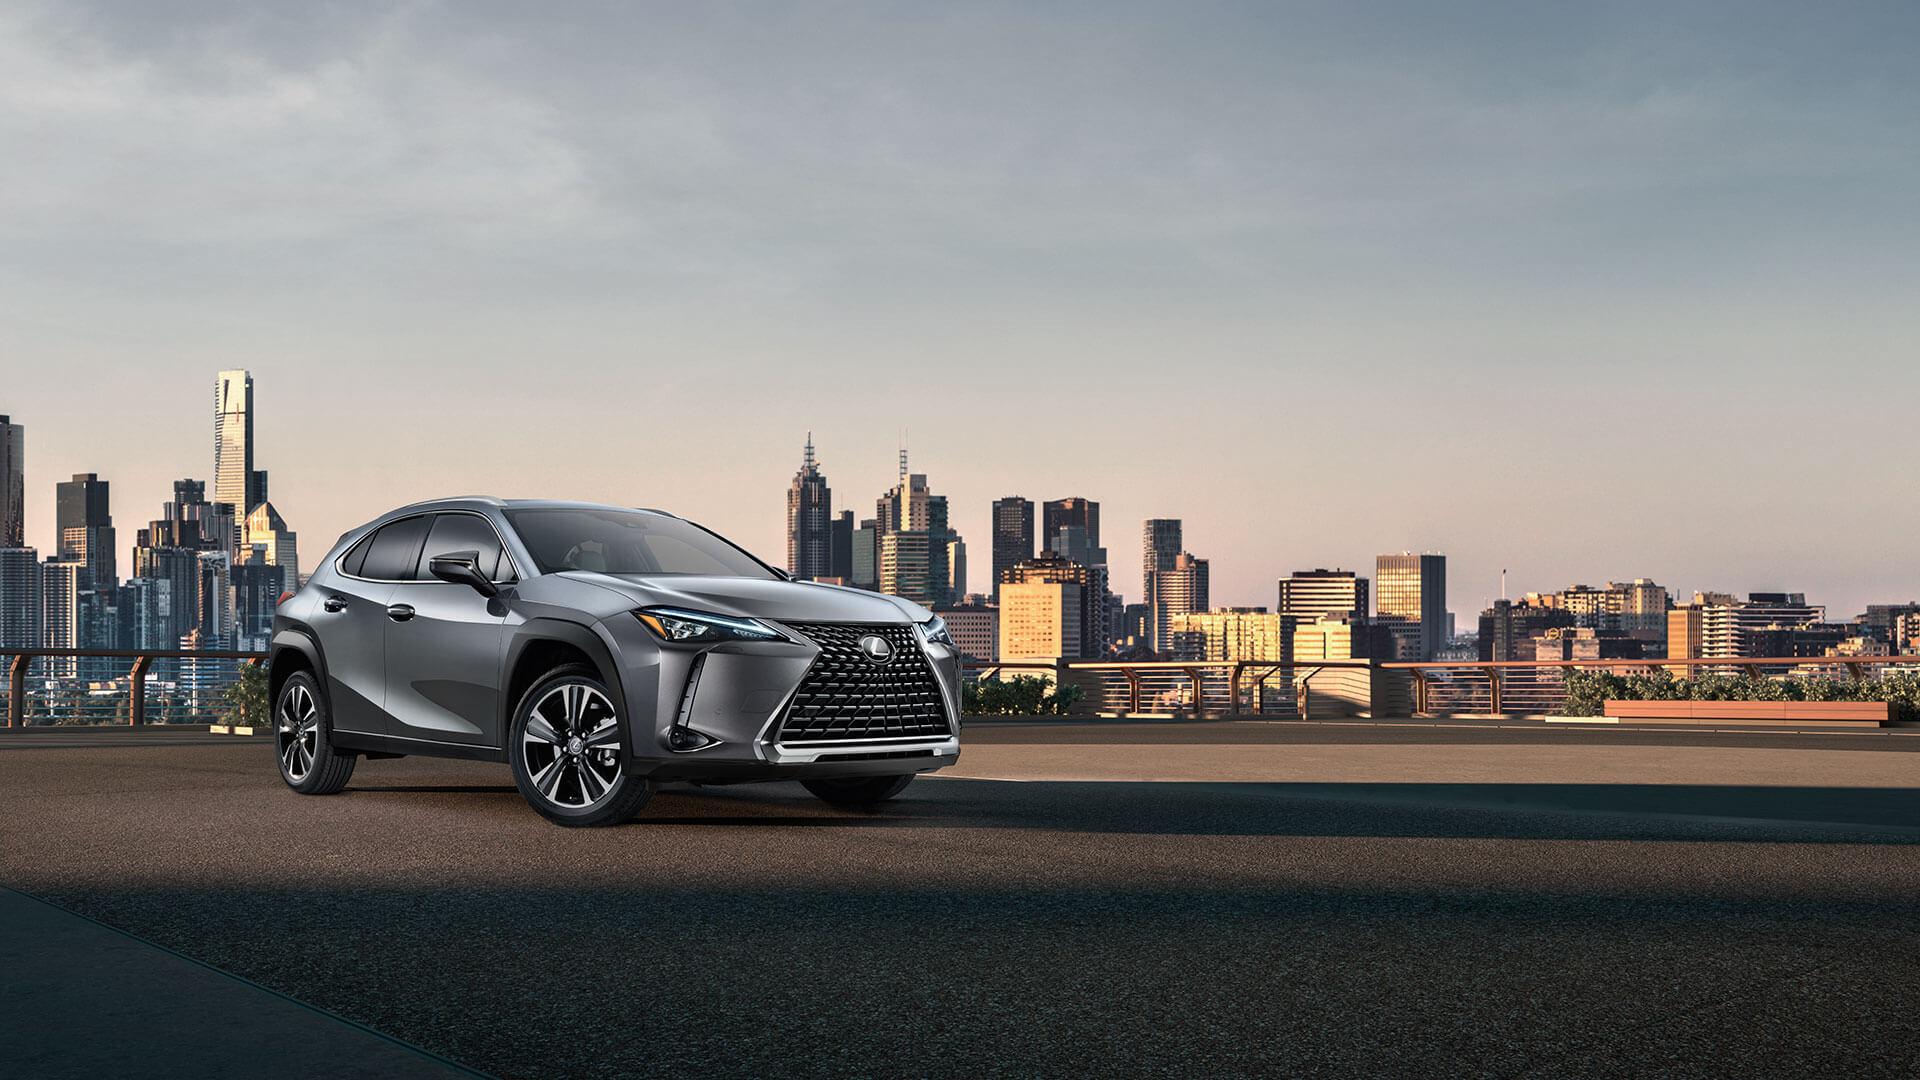 vooraanzicht van een grijze Lexus UX